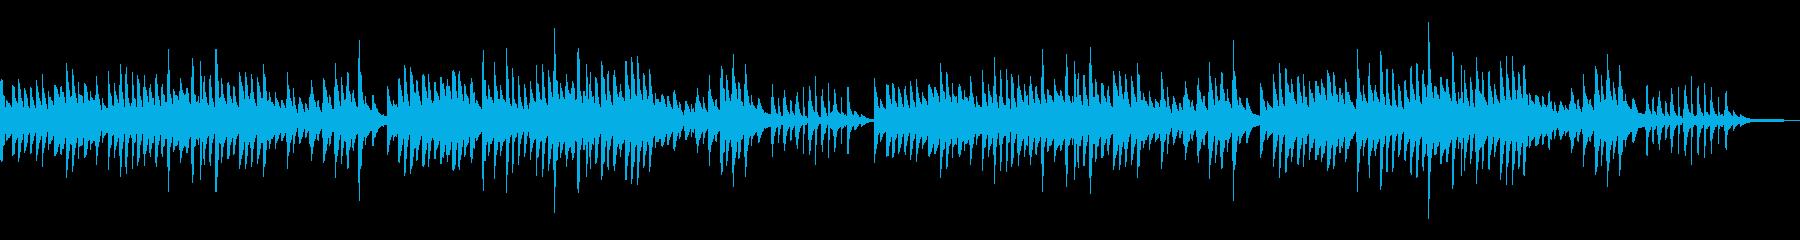 童謡「夕焼け小焼け」シンプルなピアノソロの再生済みの波形